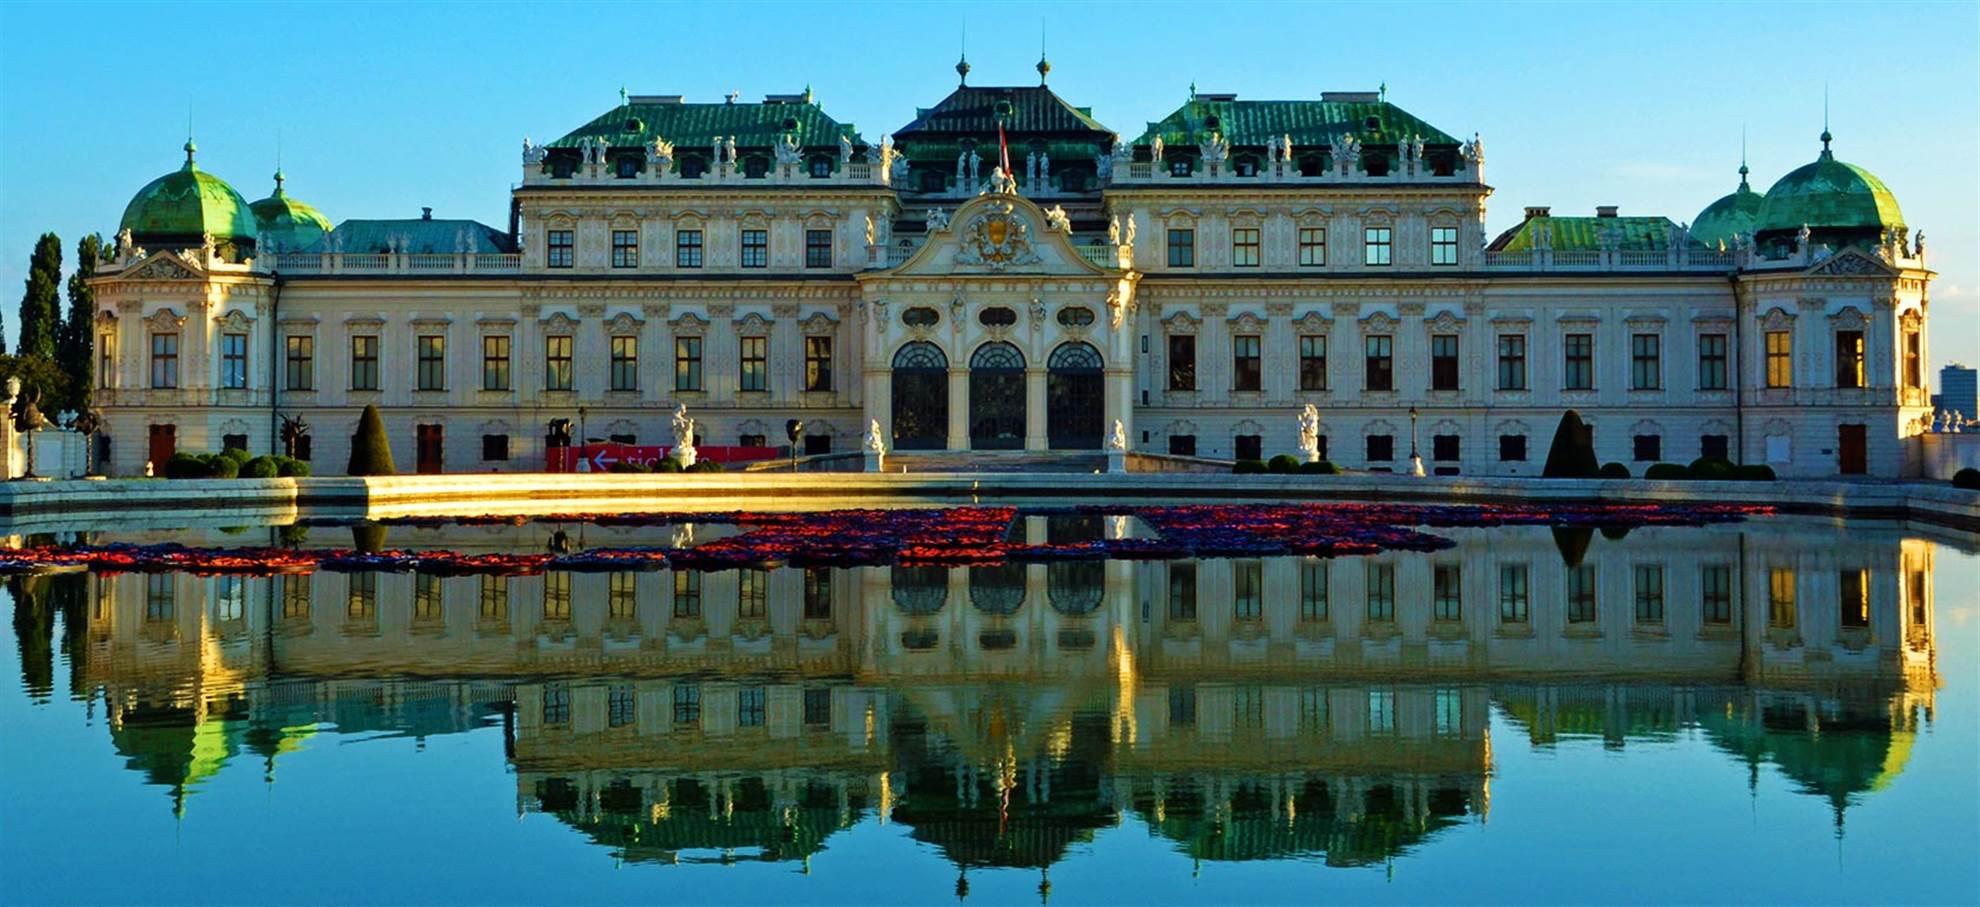 Palacio Belvedere y Museo